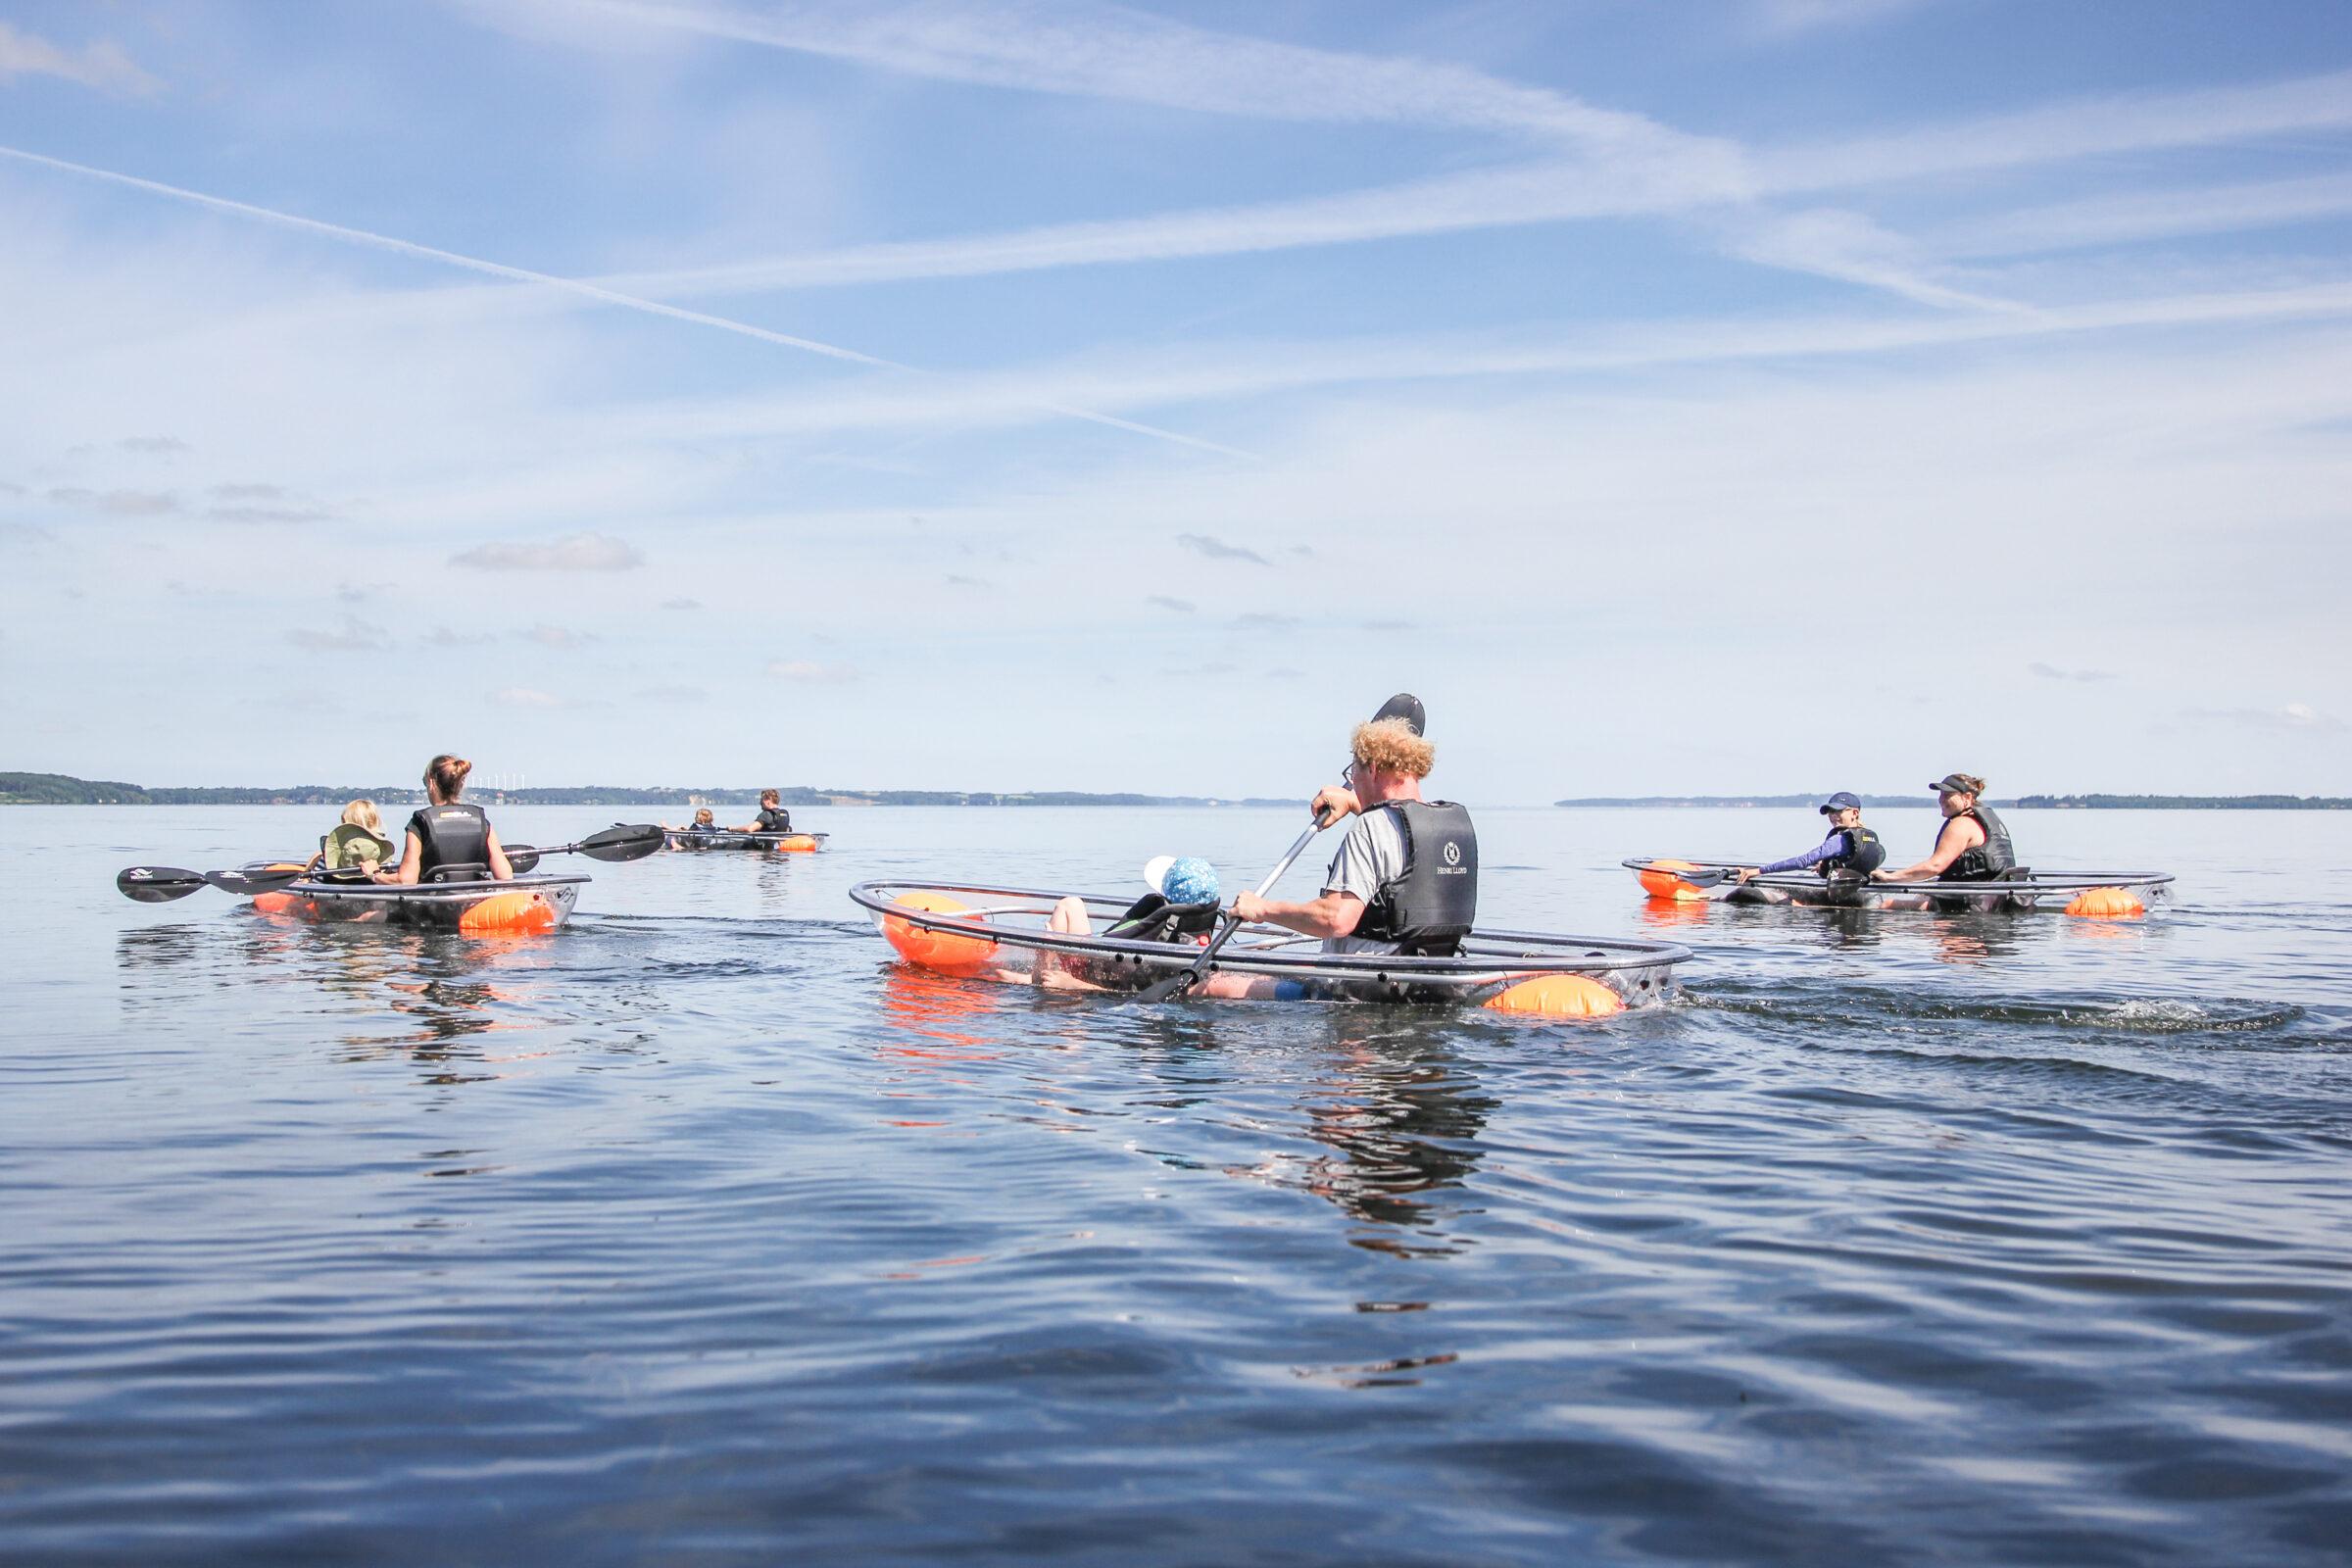 Tag med på en uforglemmelige oplevelse på vandet ved Skive i kajakker, der er helt gennemsigtige. Lej kajak, lej glaskajak, ture i kajak